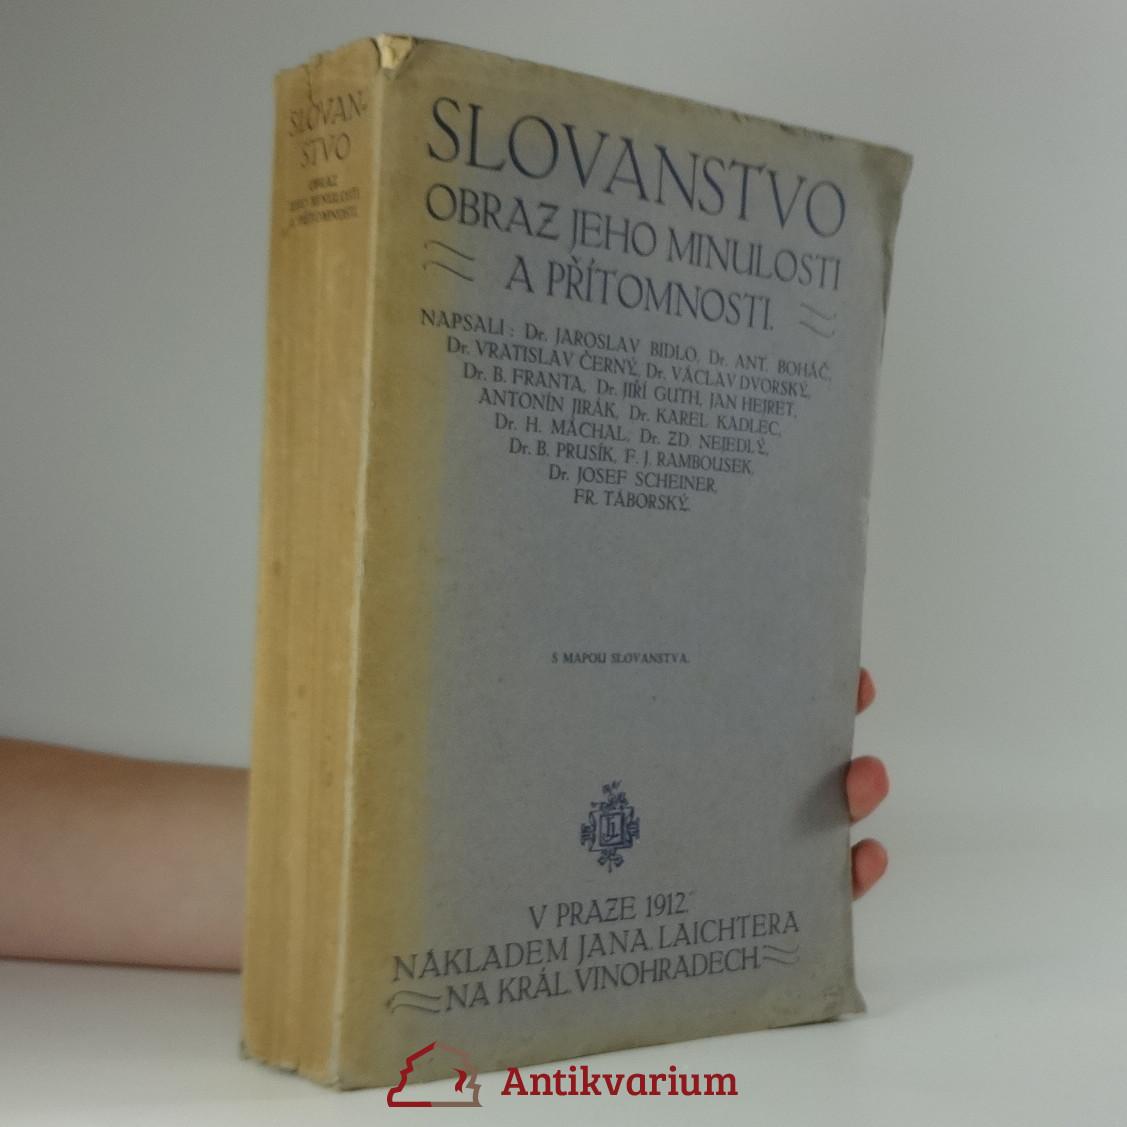 antikvární kniha Slovanstvo - obraz jeho minulosti a přítomnosti, 1912